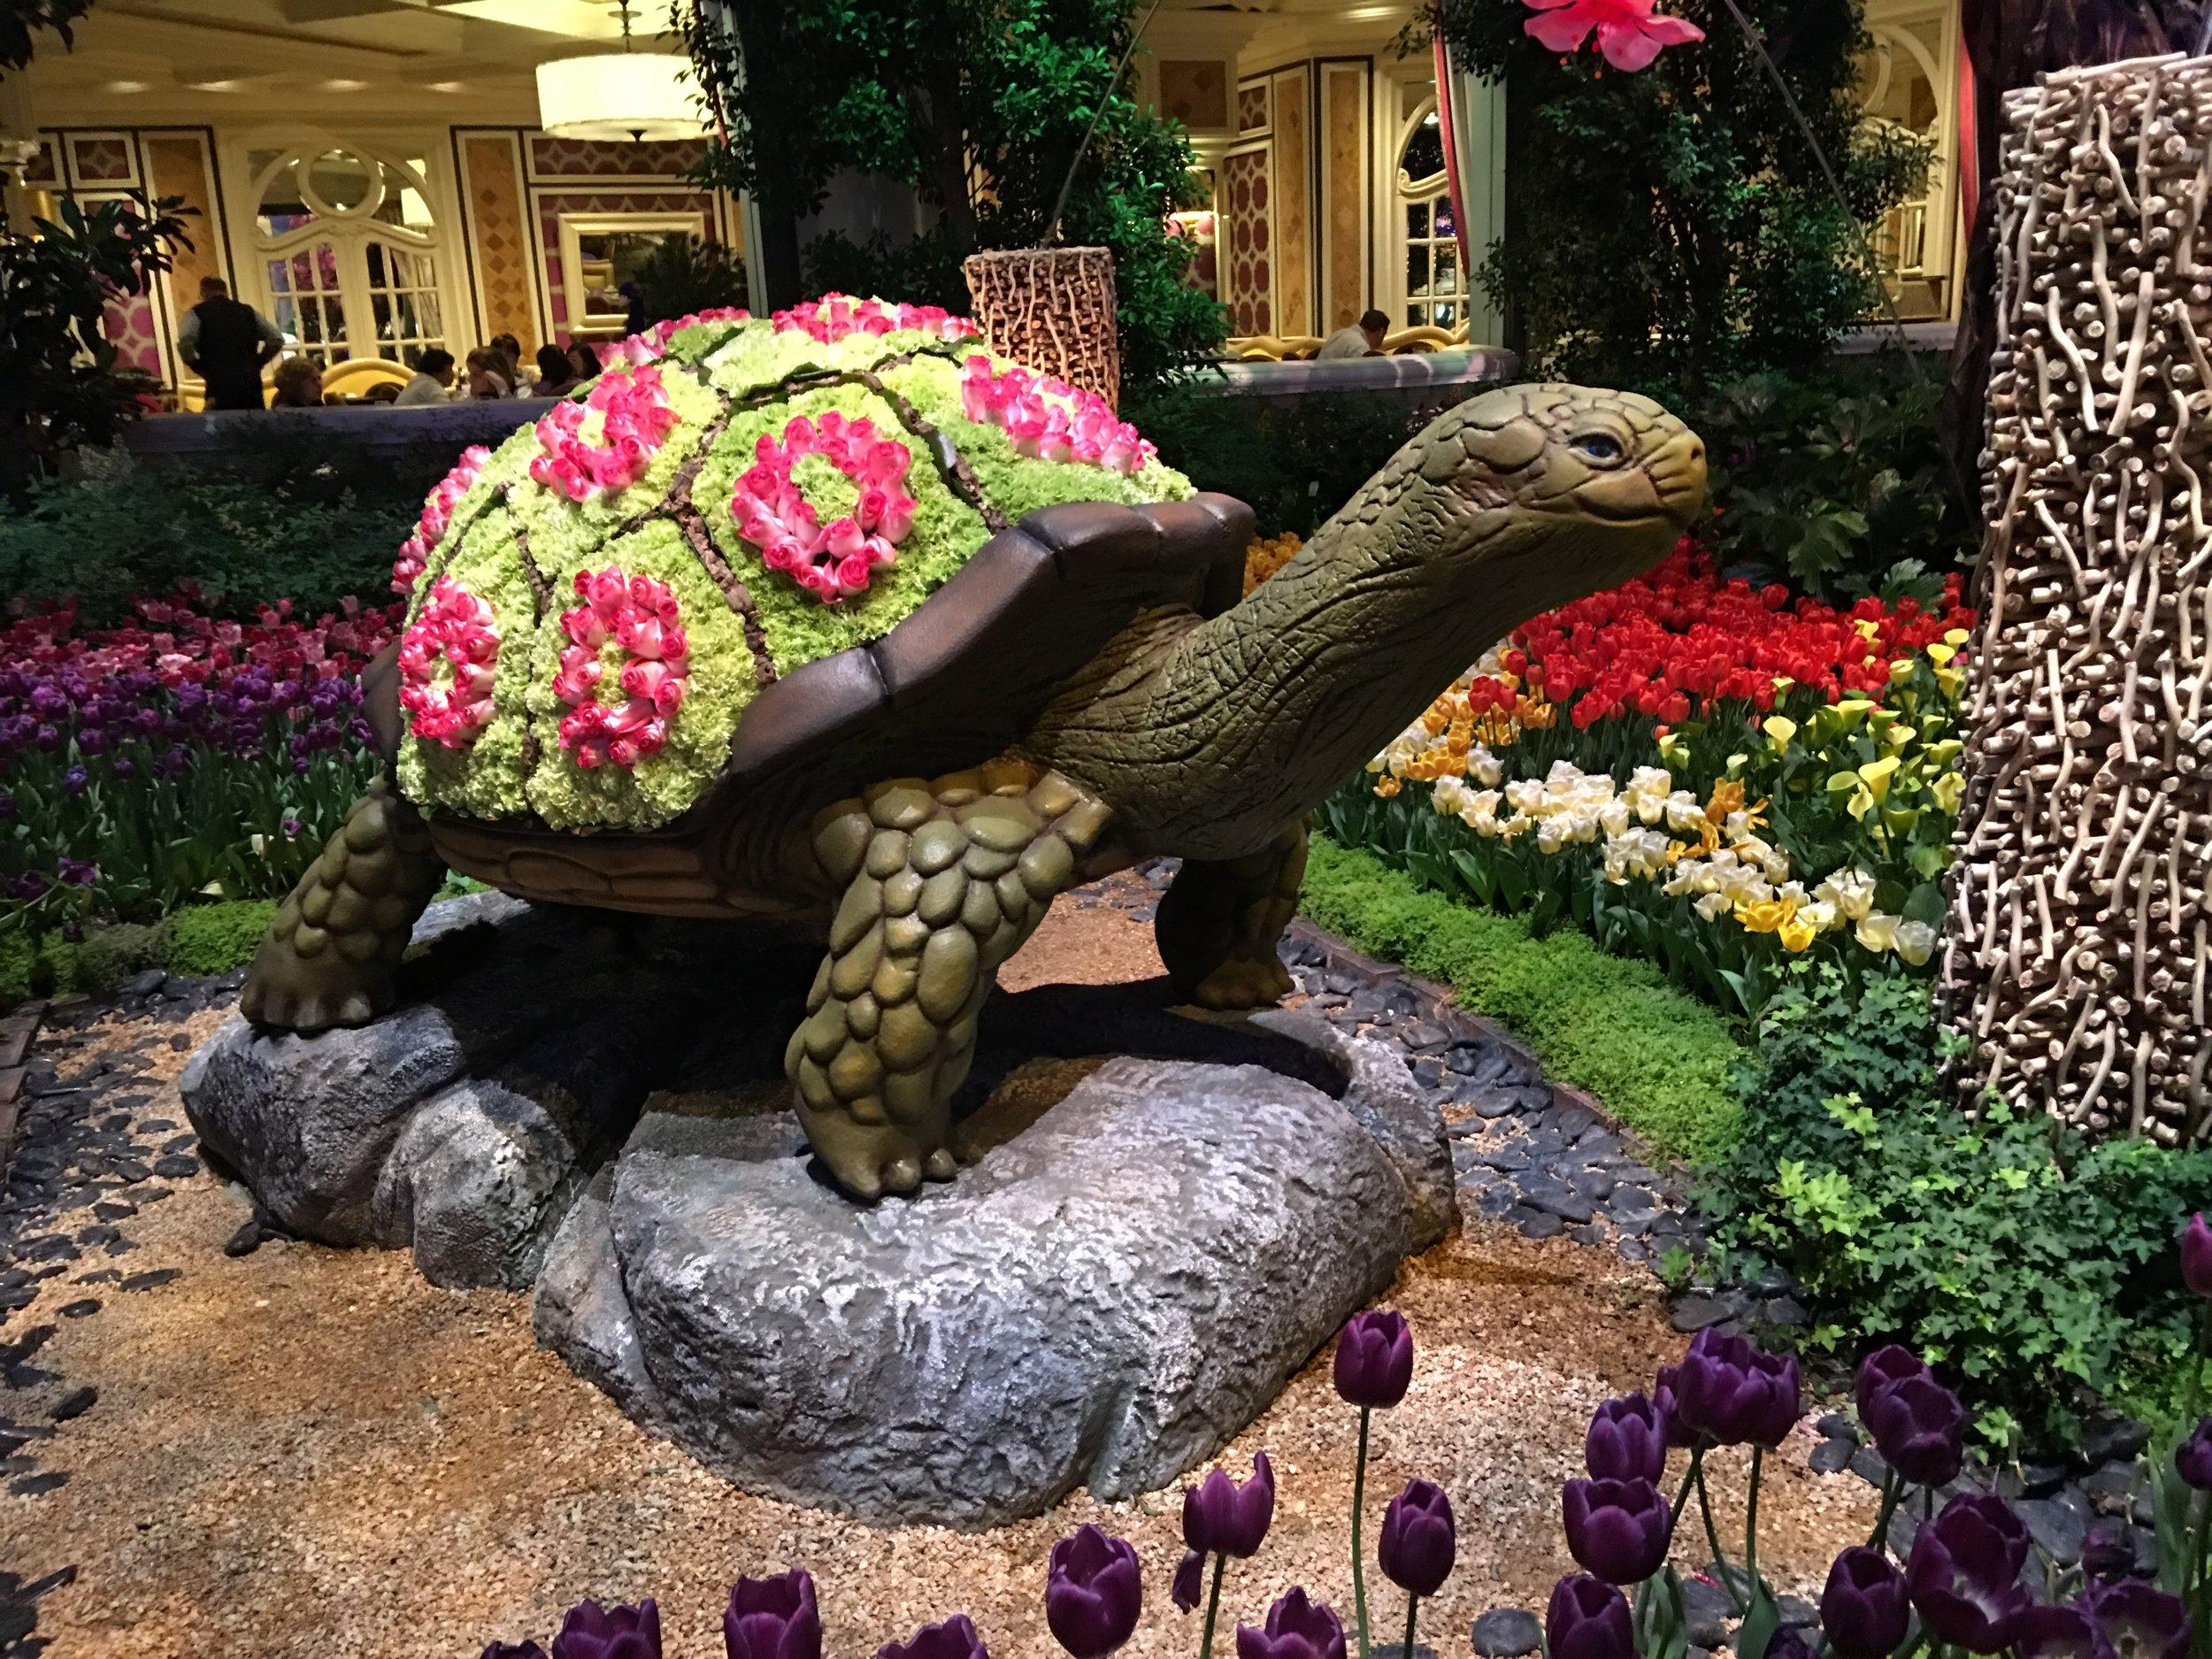 Die «Bellagio Conservatory & Botanical Gardens»-Schildkröte ist mit echten Blumen verziert.